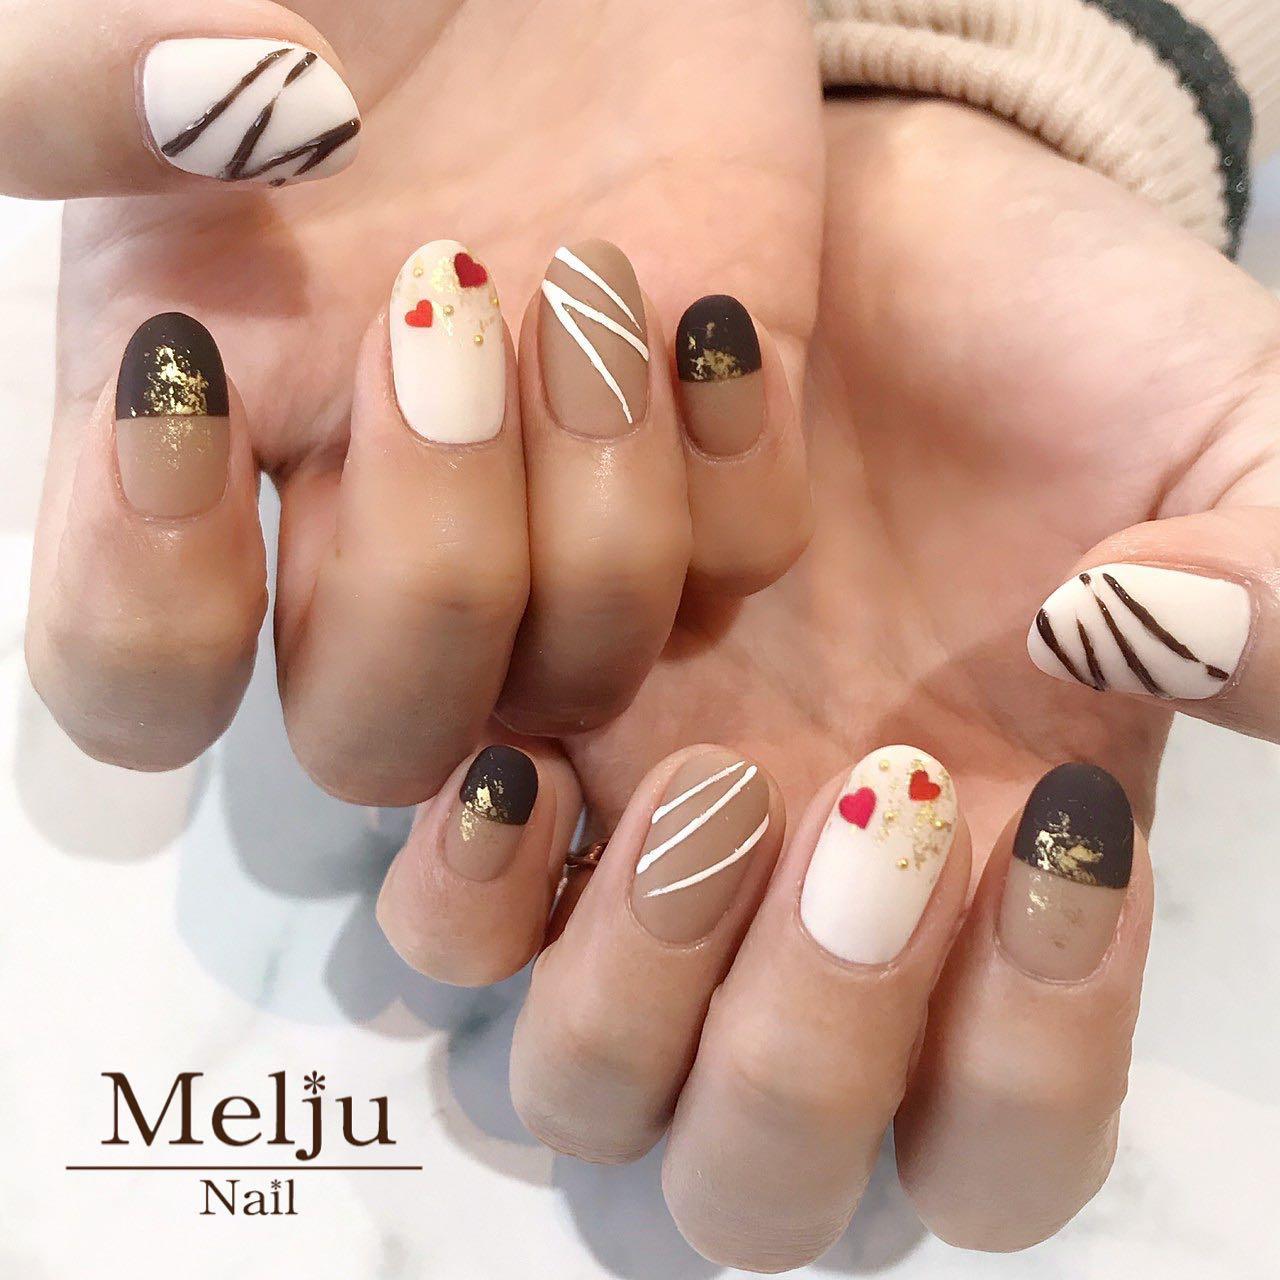 Melju News